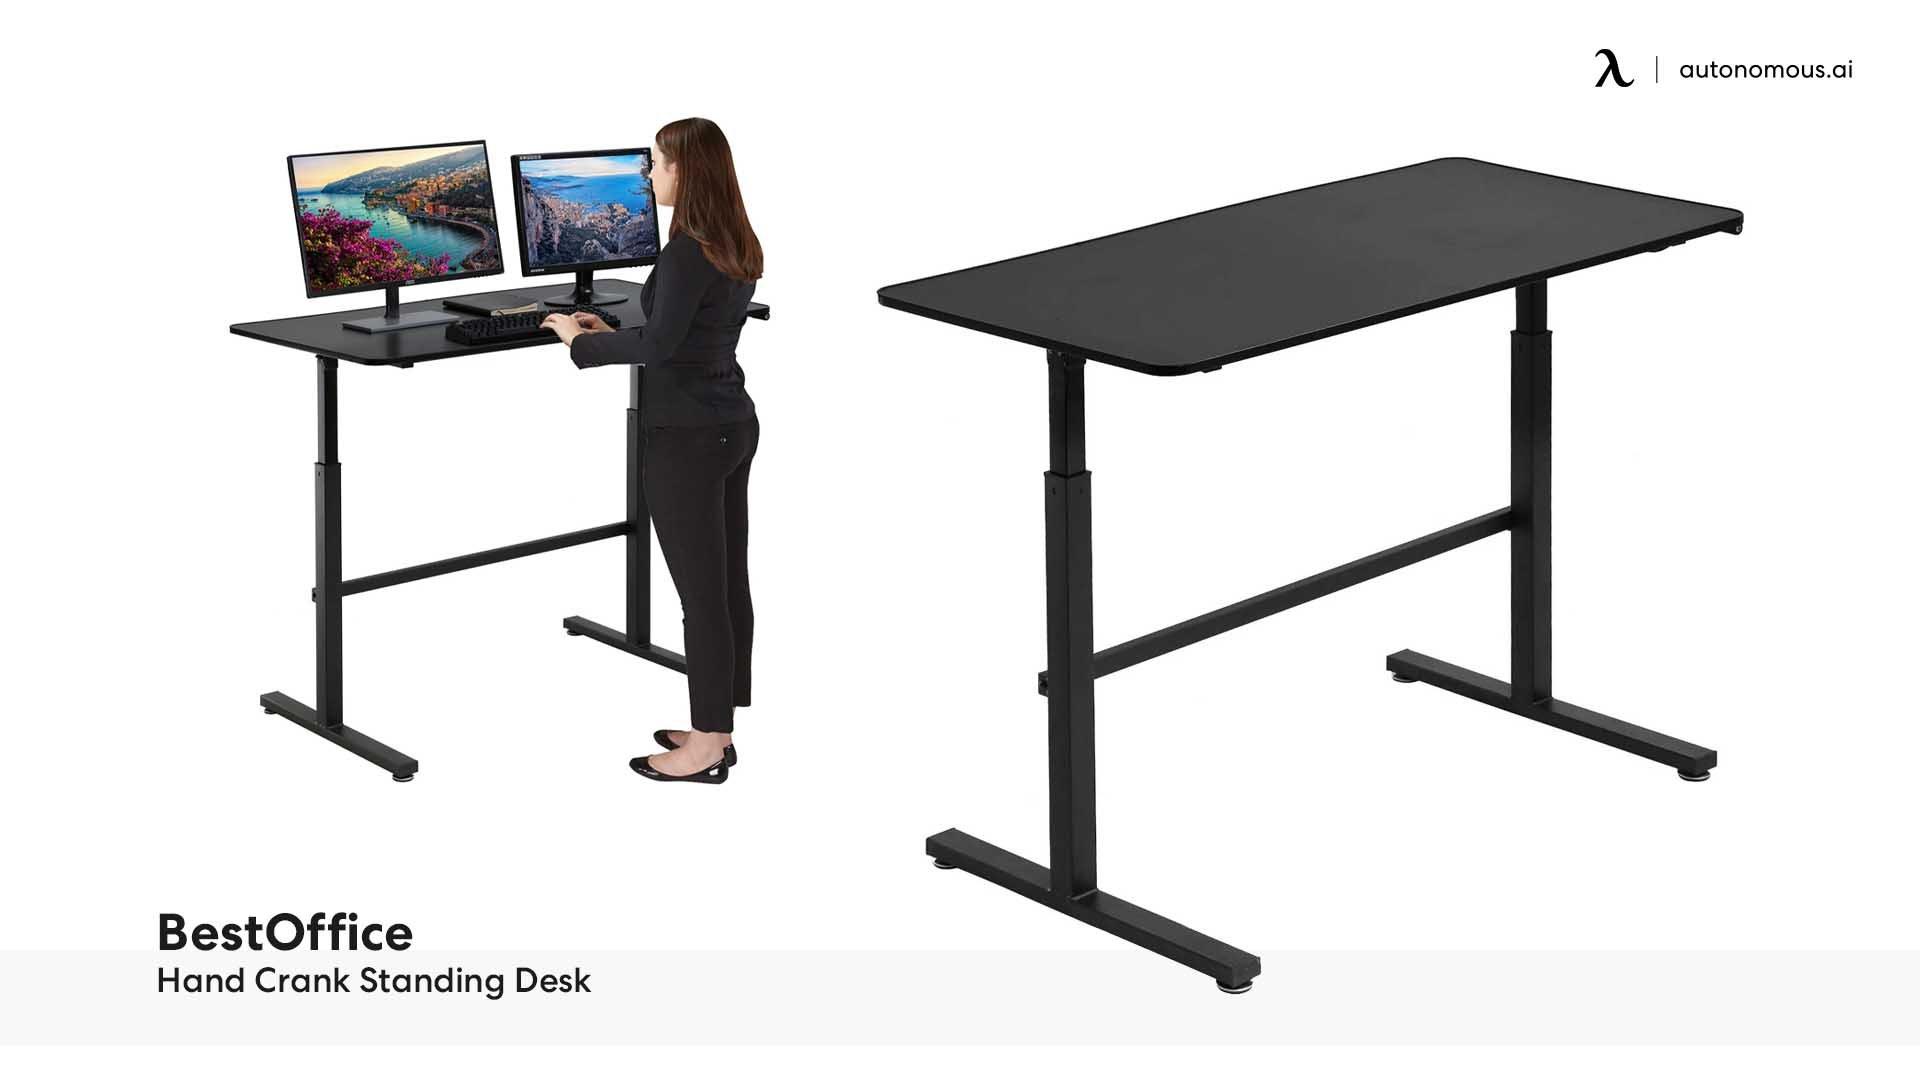 BestOffice Hand Crank Standing Desk